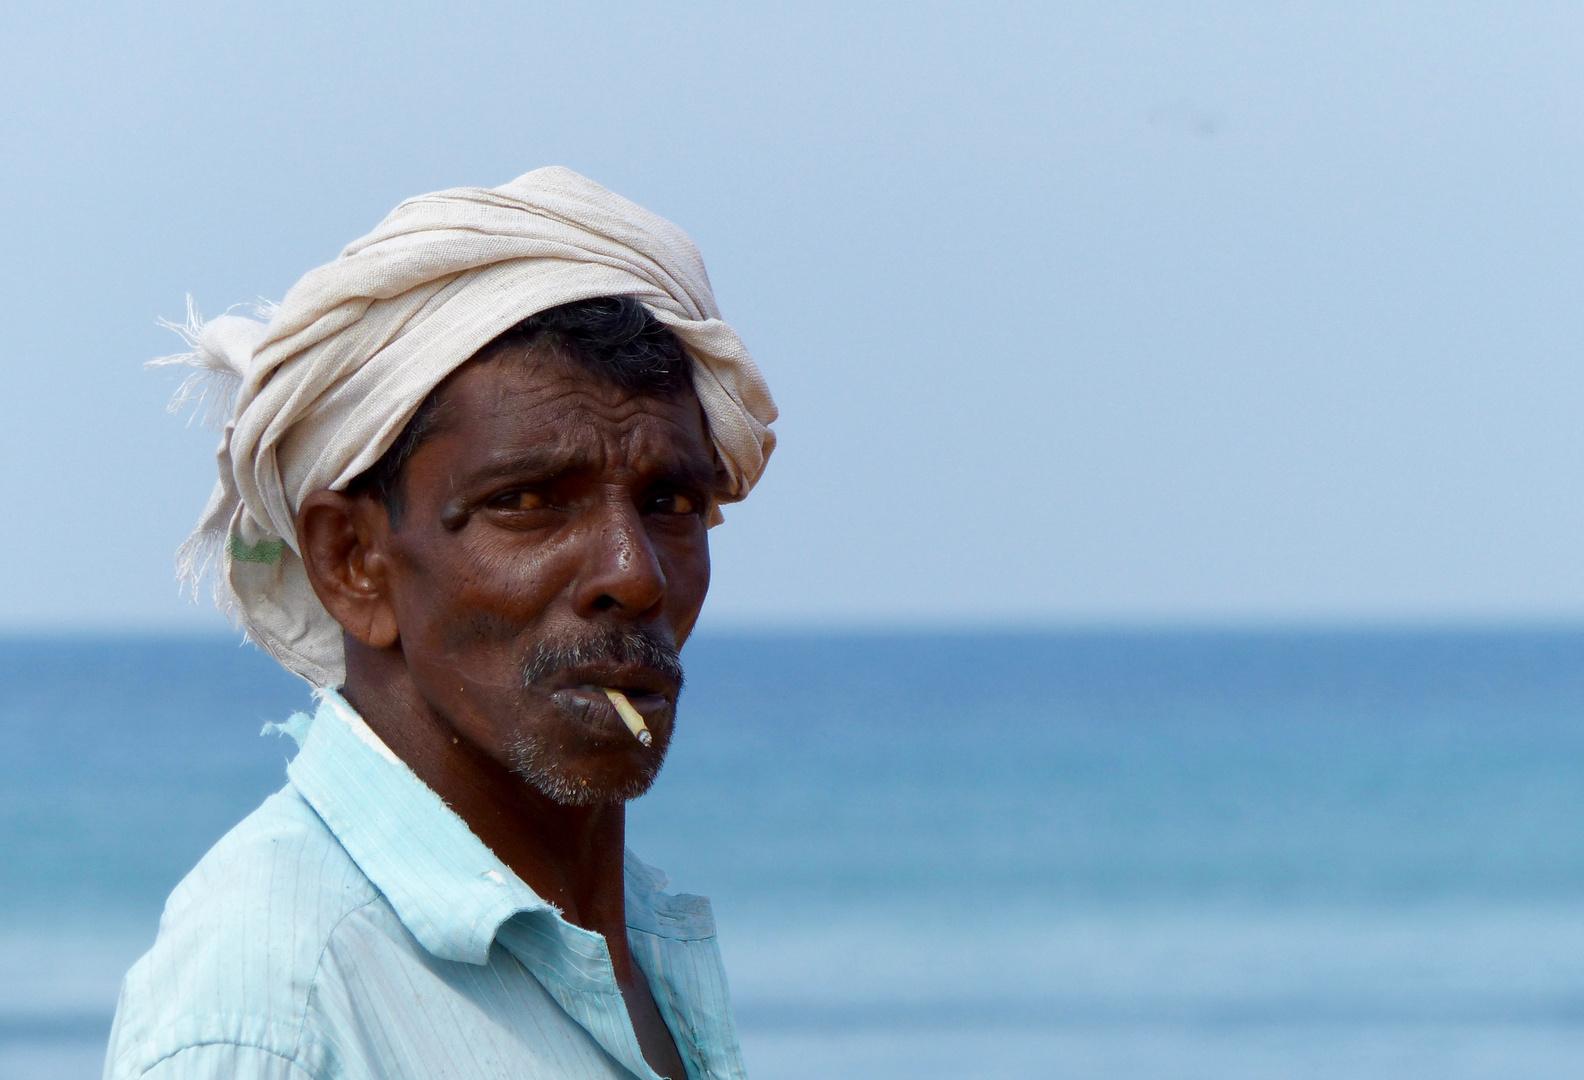 Fischermann von Kerala